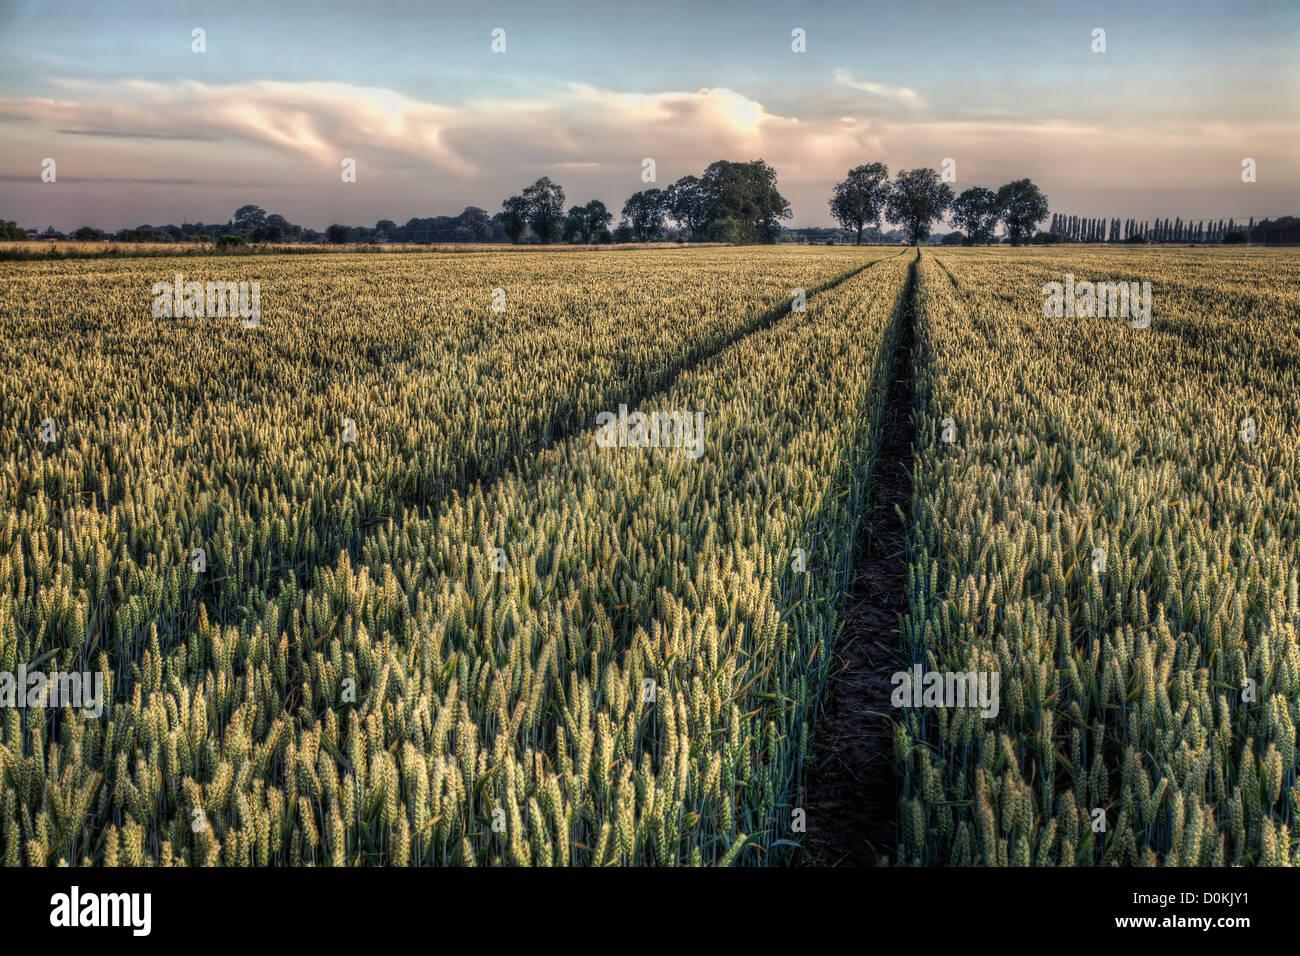 Weg durch ein Feld von reifen Weizen kurz vor der Ernte. Stockbild